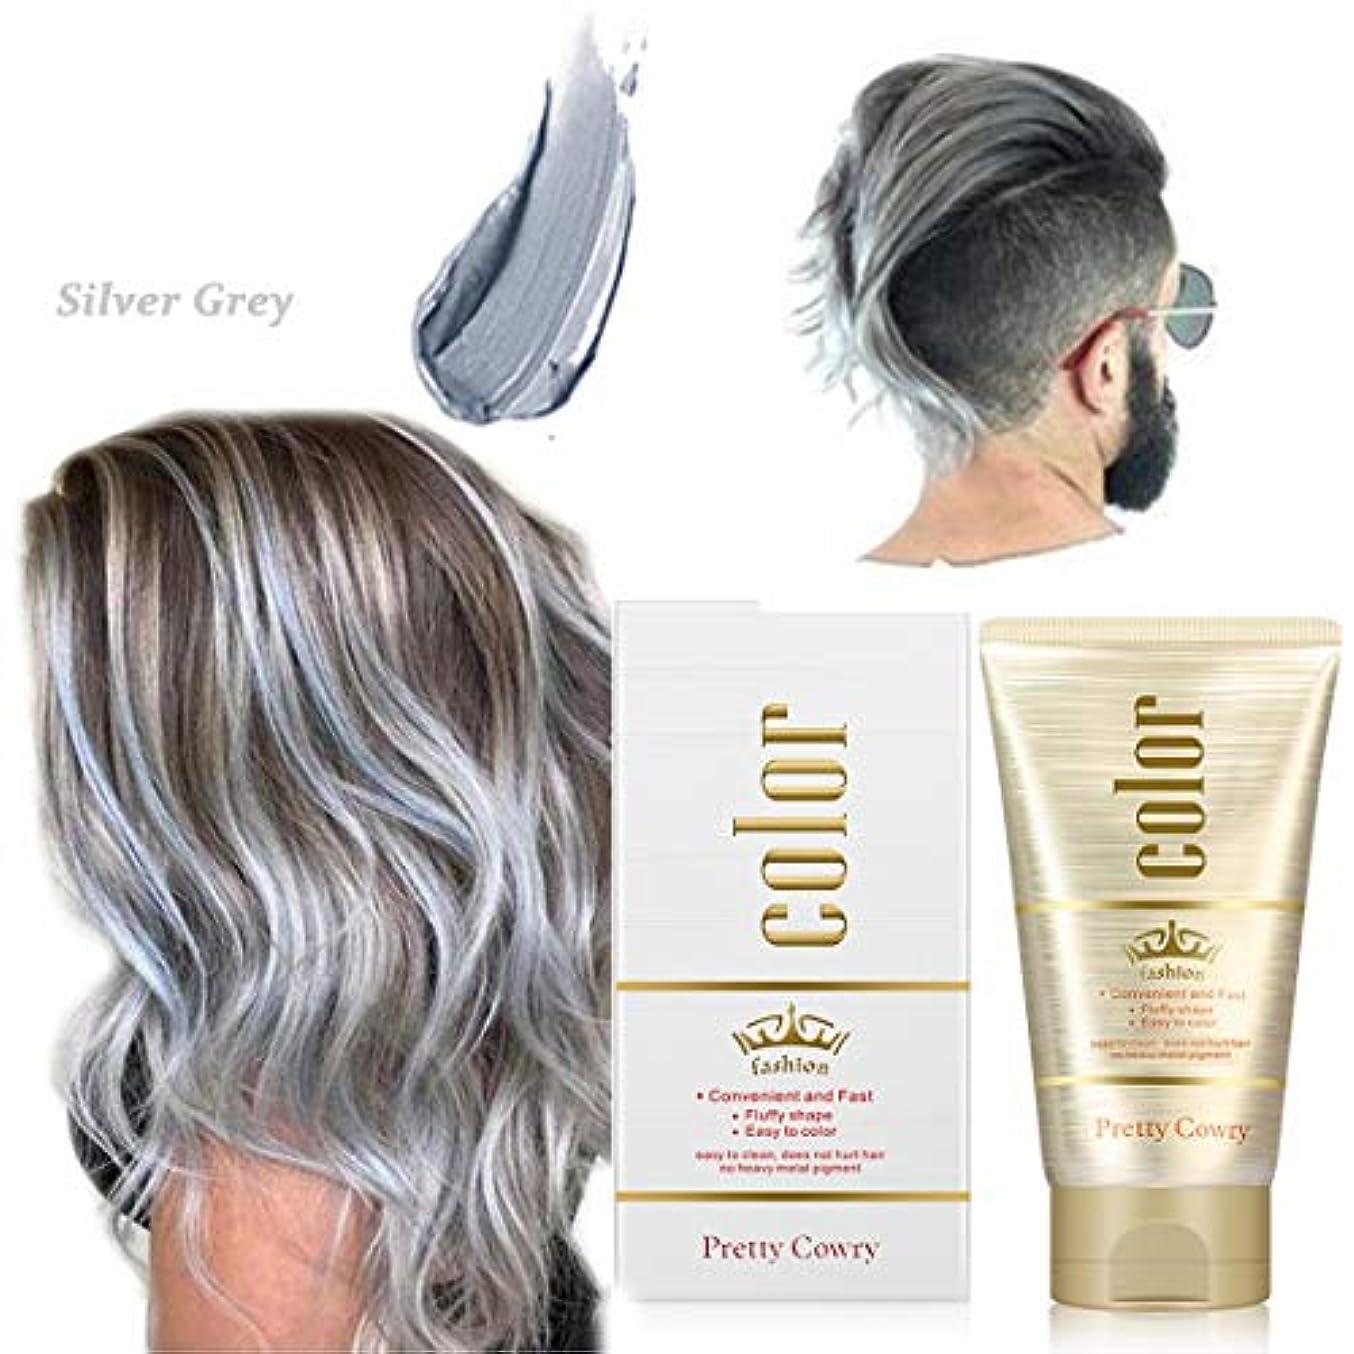 落ち着く病な付添人染めヘアワックス、ワンタイムカラースタイリング、スタイリングカラーヘアワックス、ユニセックス9色、diyヘアカラーヘアパーティー、ロールプレイング (Sliver grey)